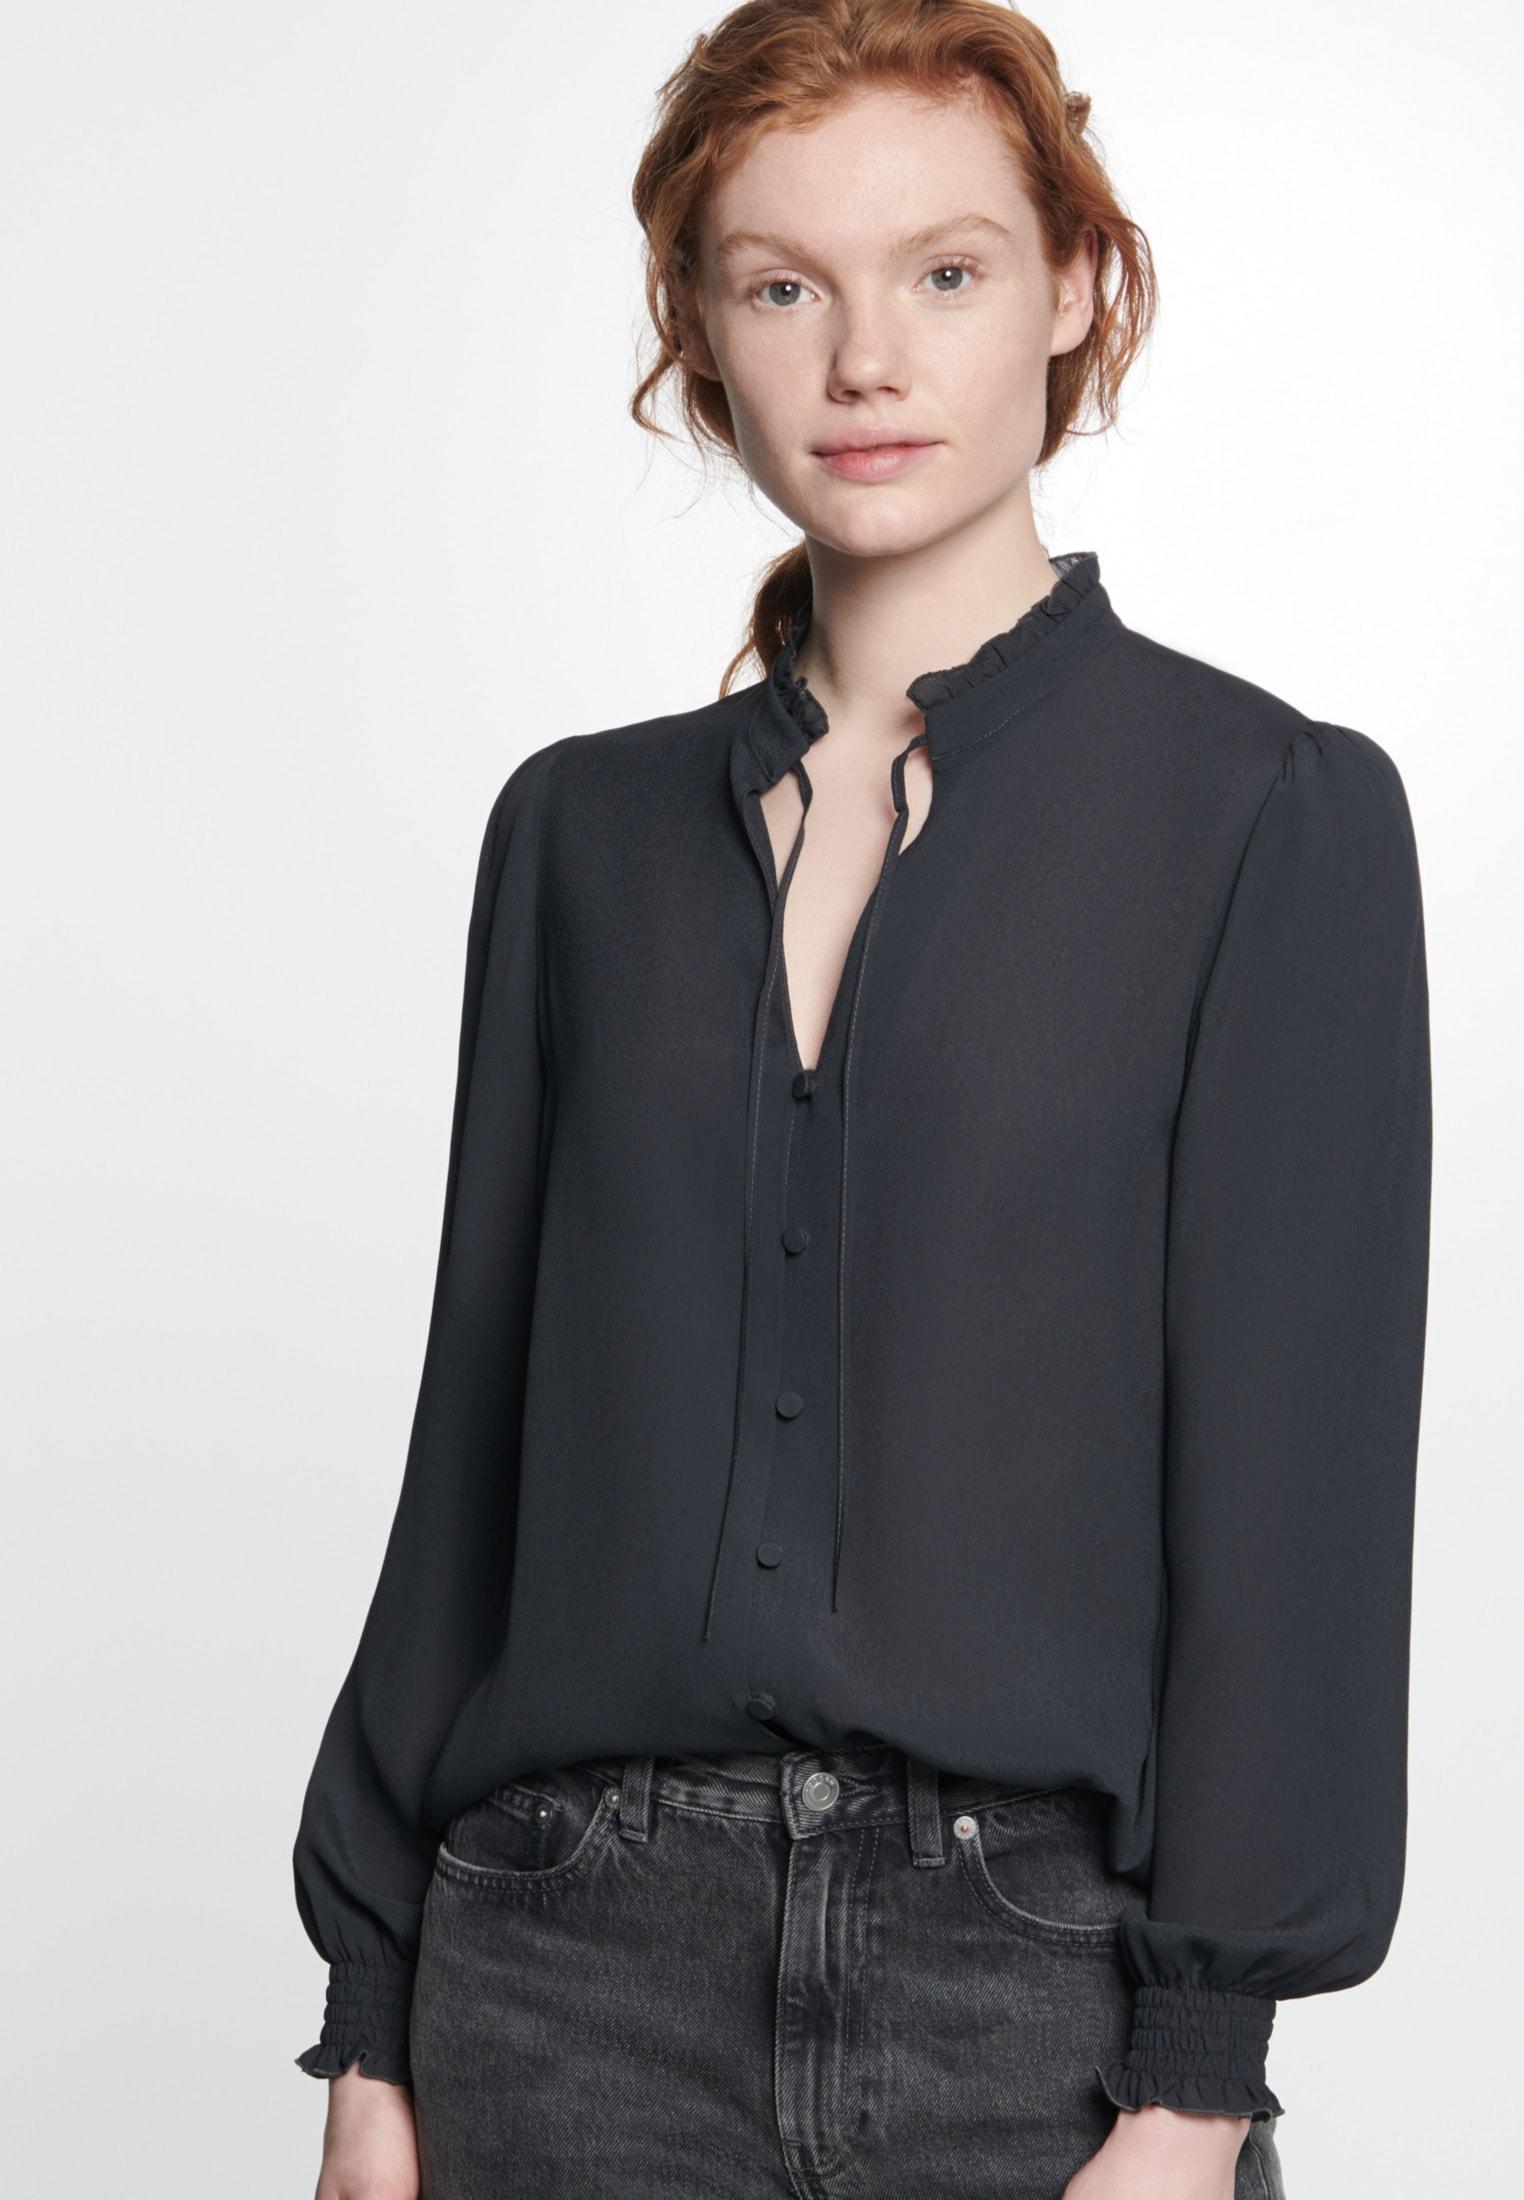 seidensticker Klassische Bluse Schwarze Rose | Bekleidung > Blusen > Klassische Blusen | Schwarz | Seidensticker